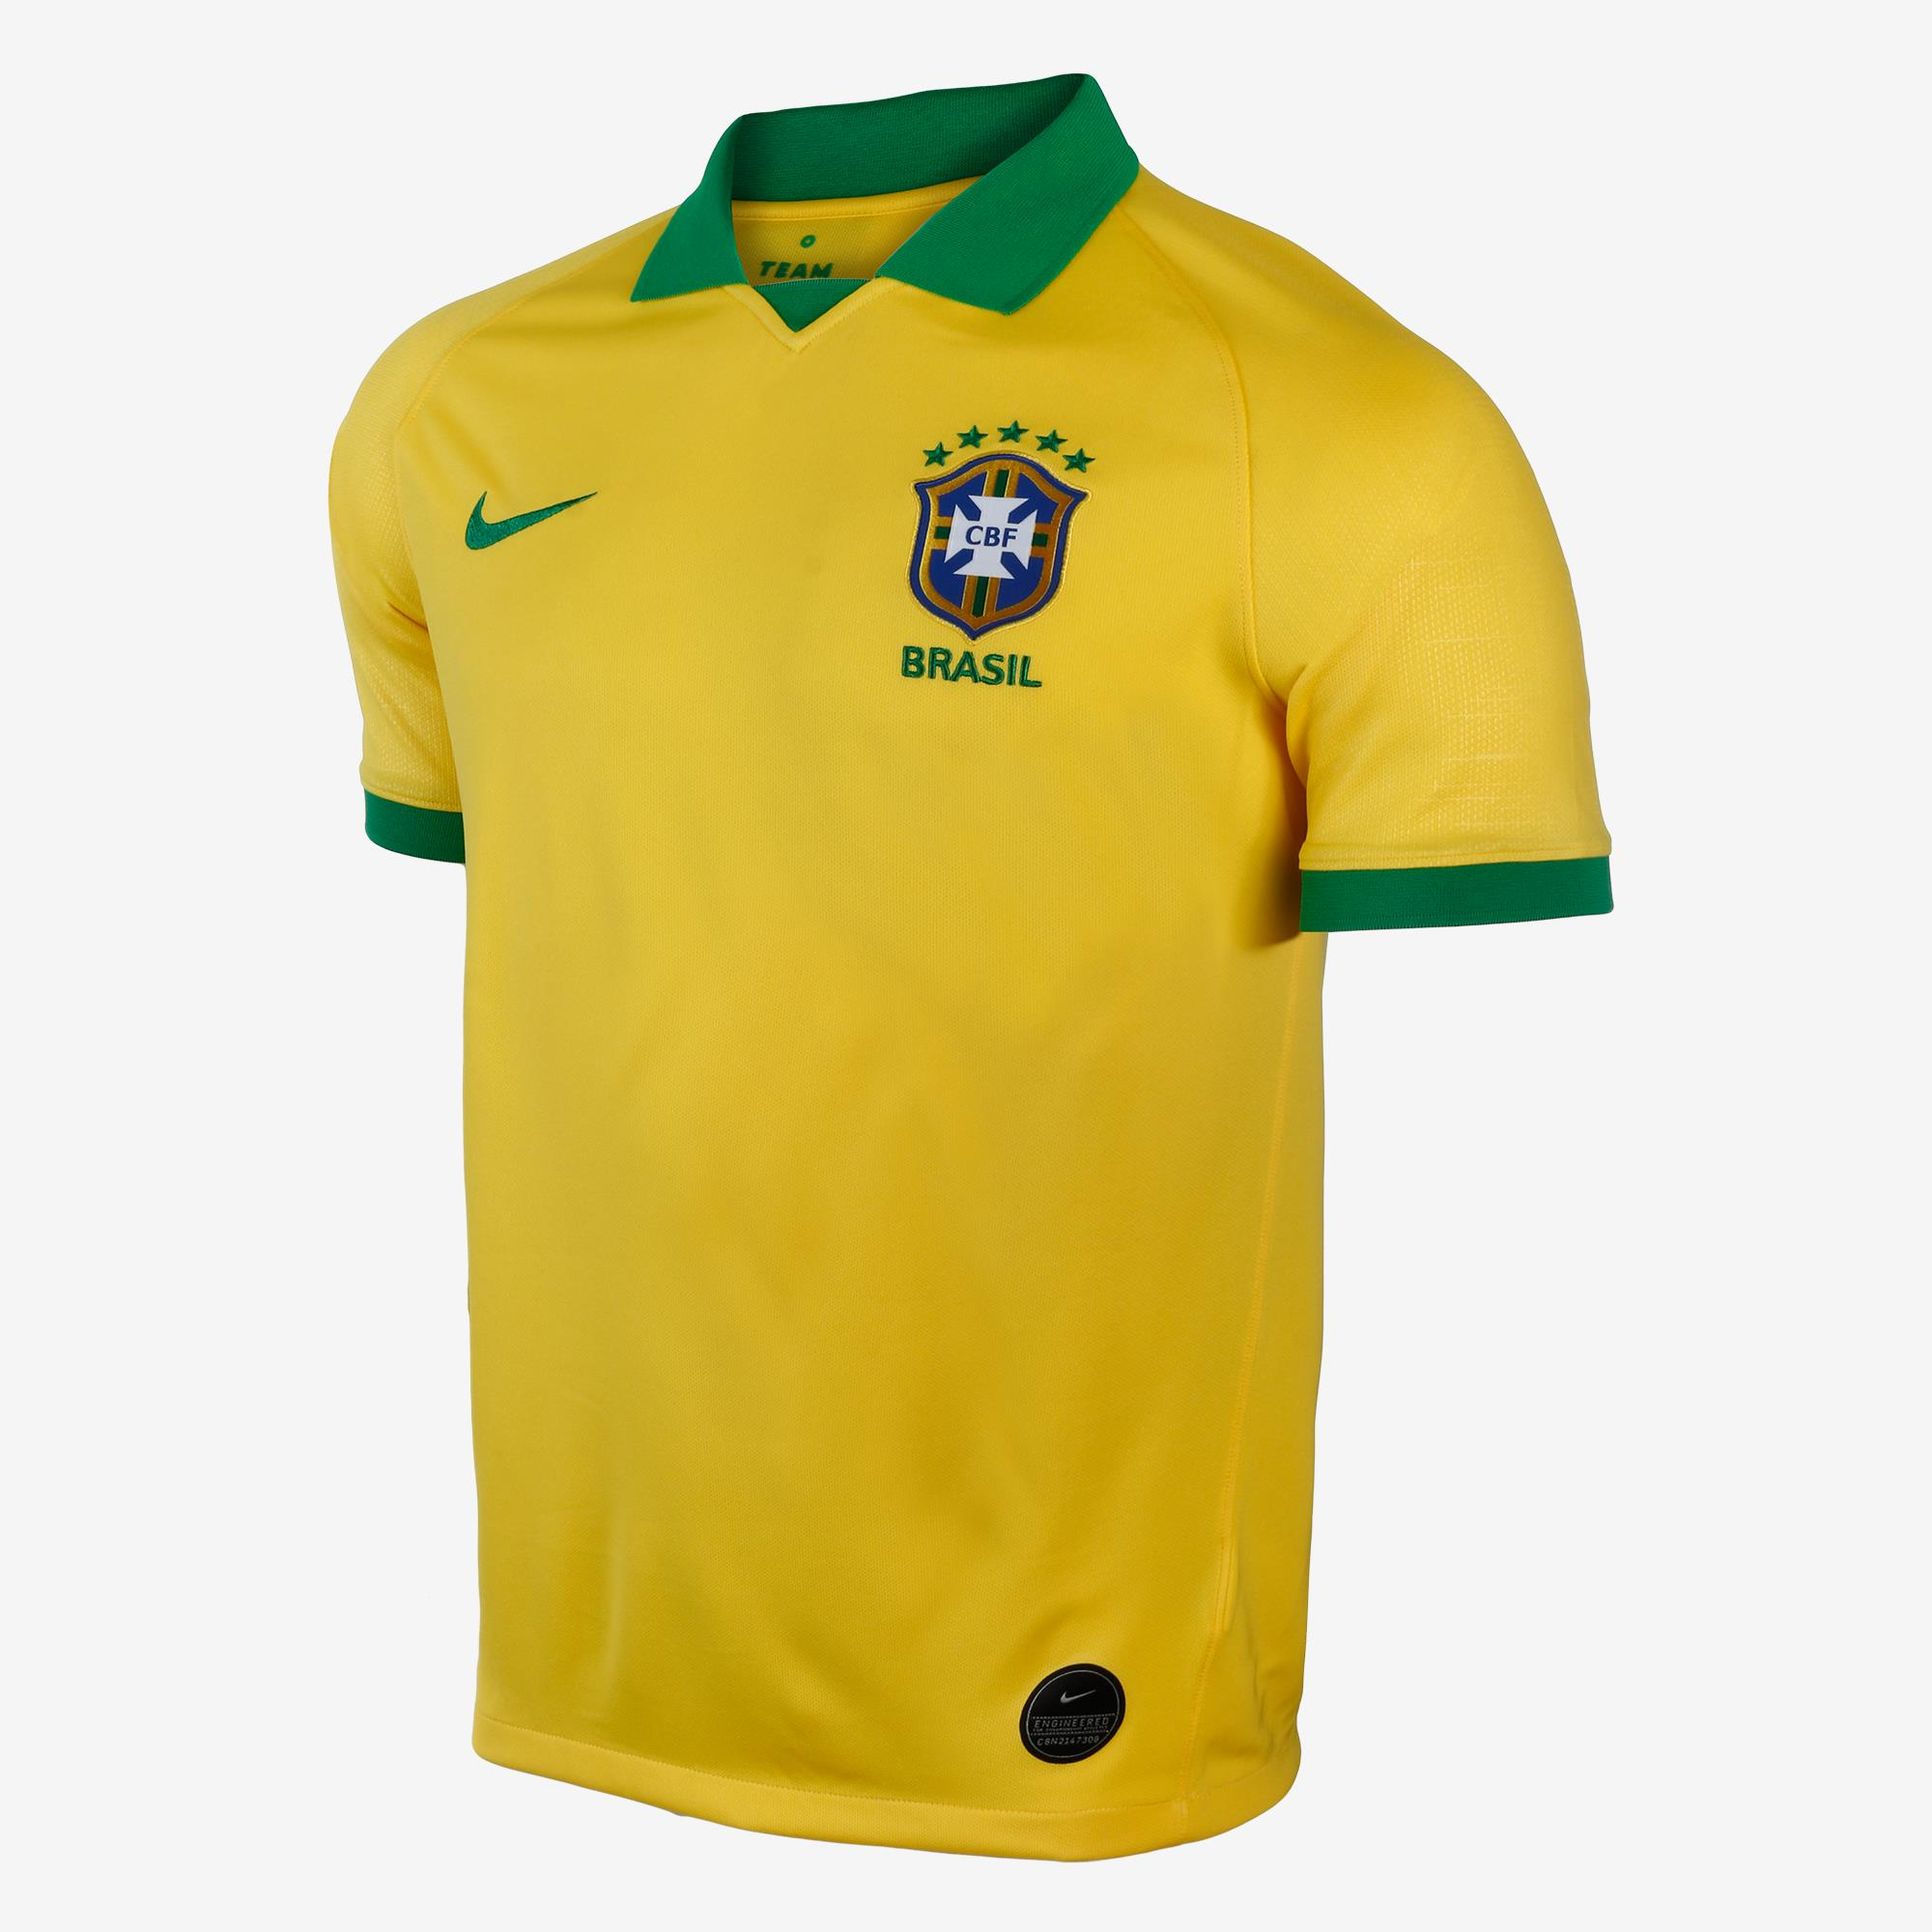 البيانات قابل للتغيير التيار Brazil Home Jersey 2019 Analogdevelopment Com